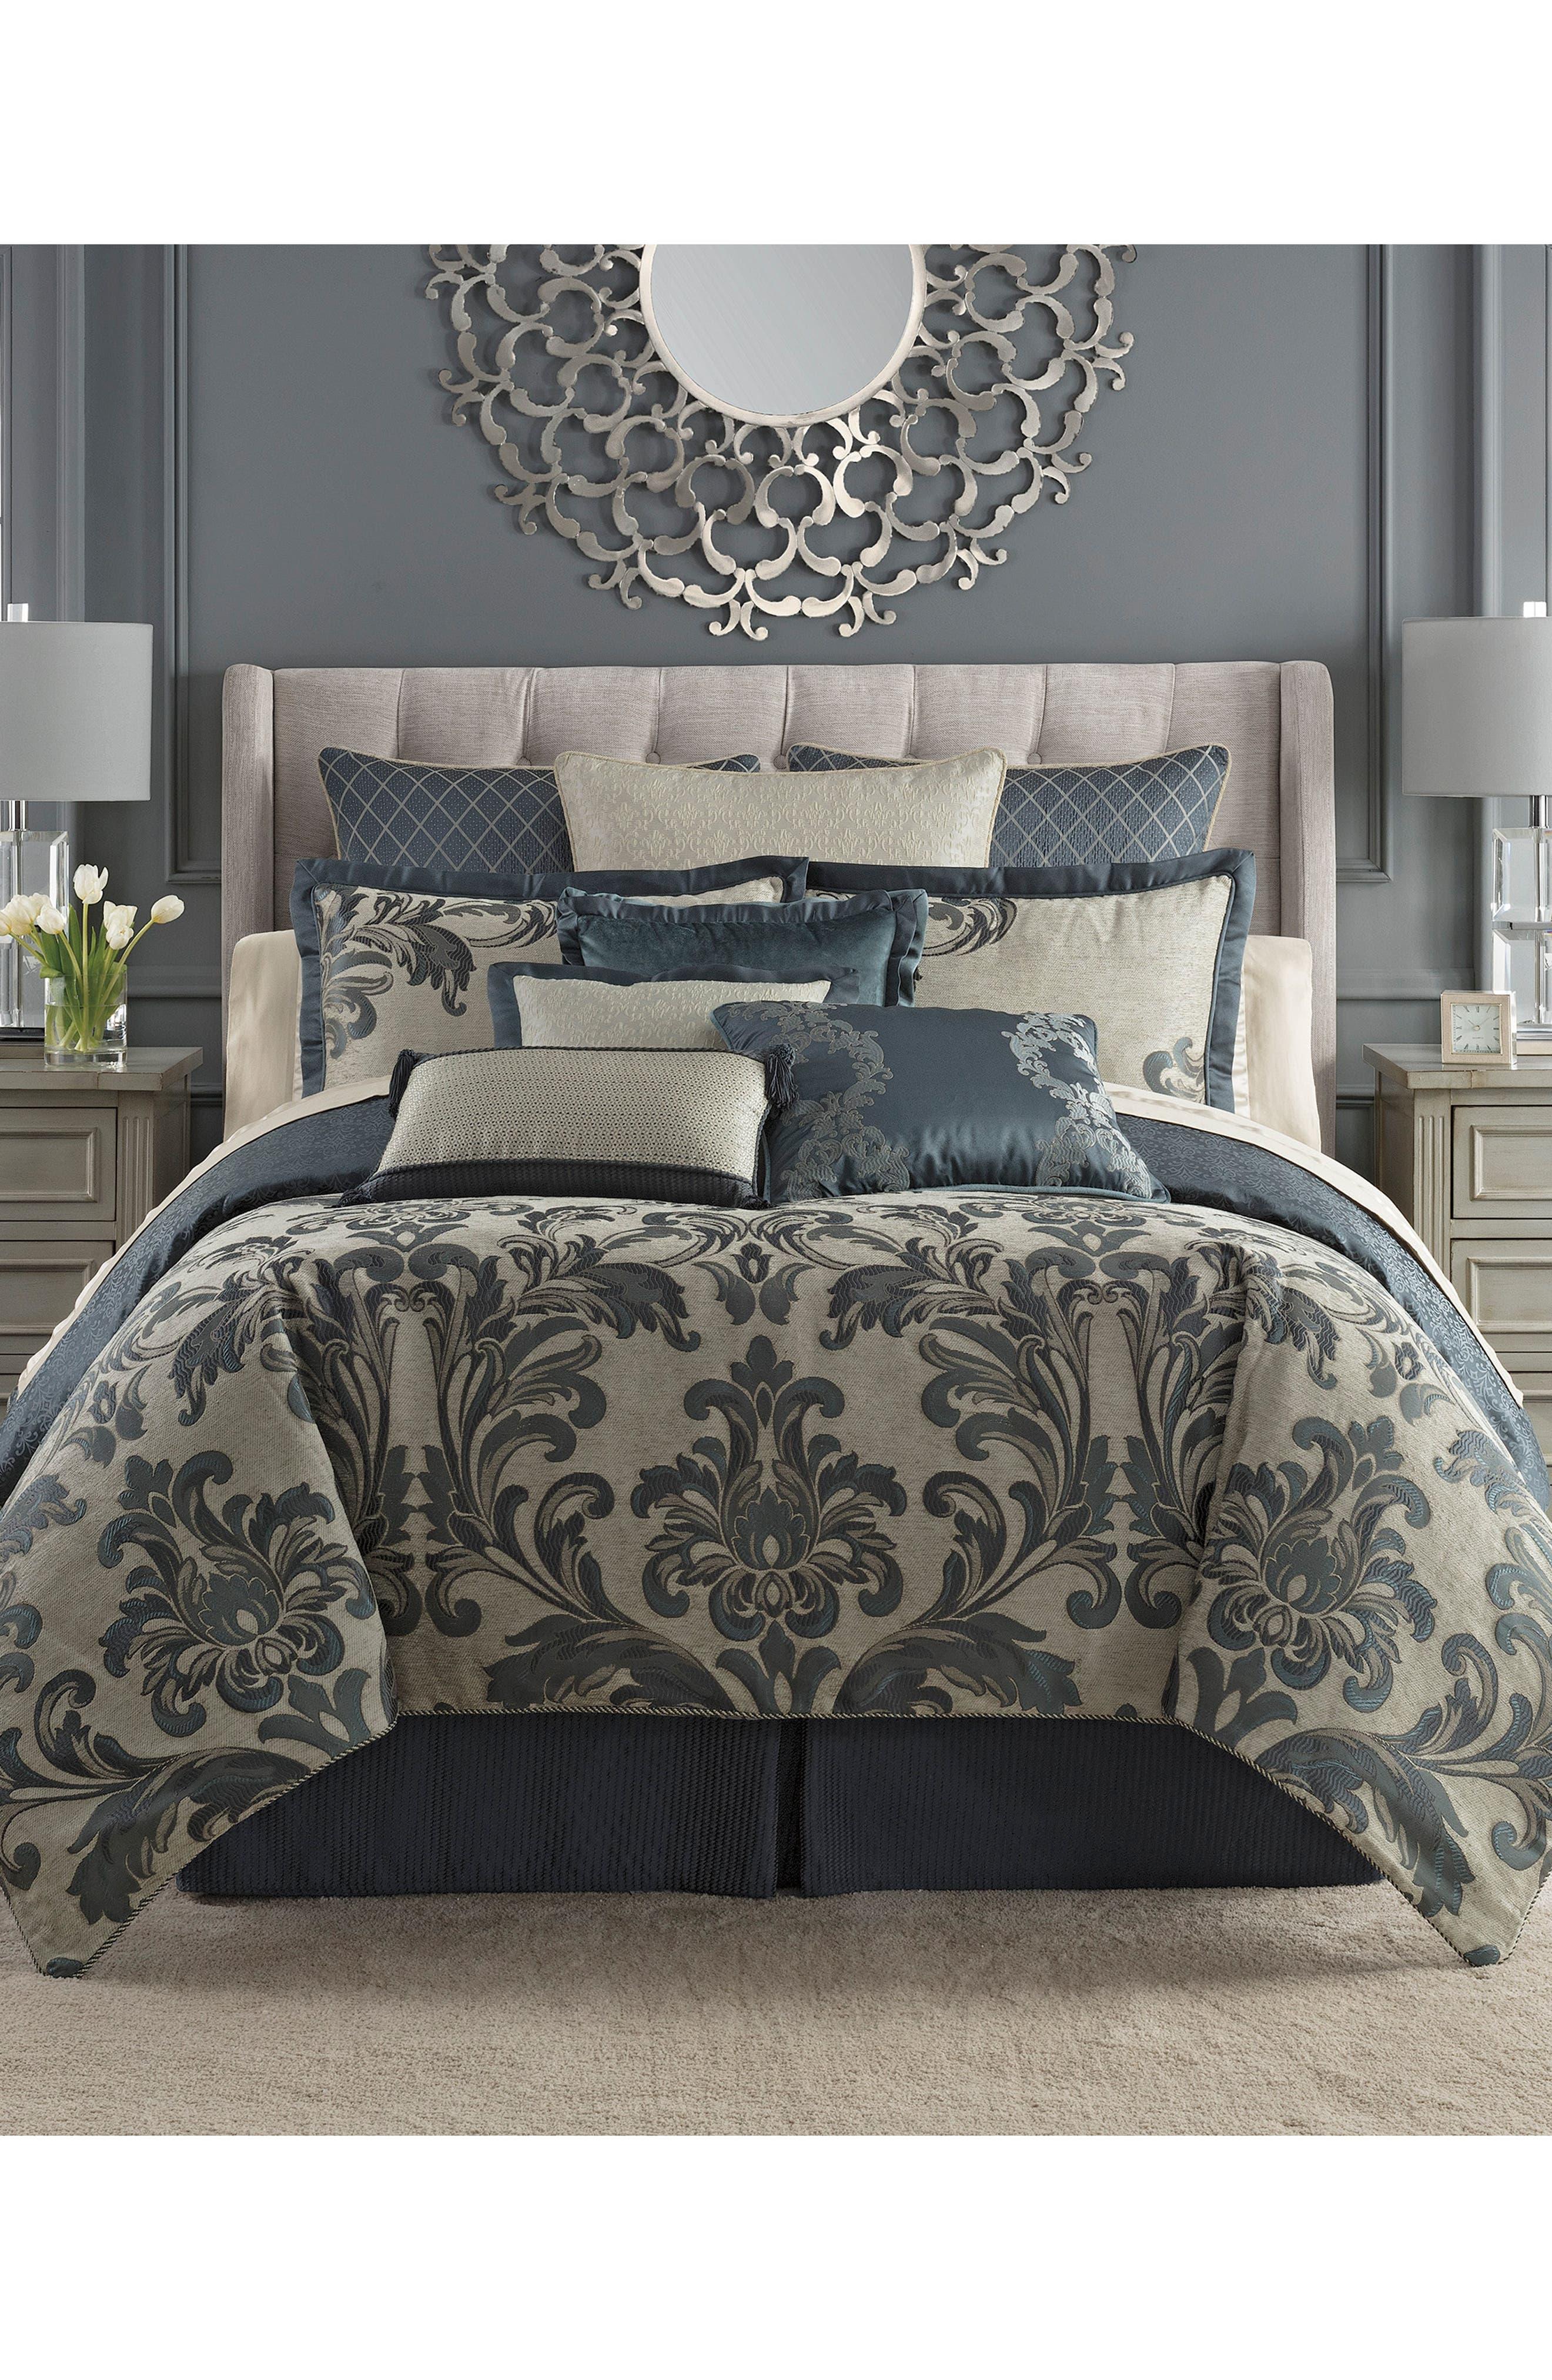 Everett Reversible Comforter, Sham & Bed Skirt Set,                             Main thumbnail 1, color,                             TEAL